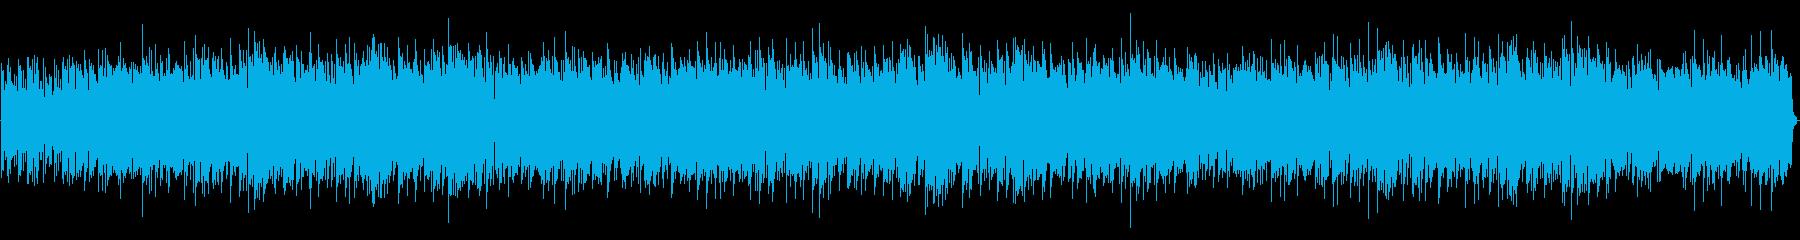 ほのぼのBGMの再生済みの波形